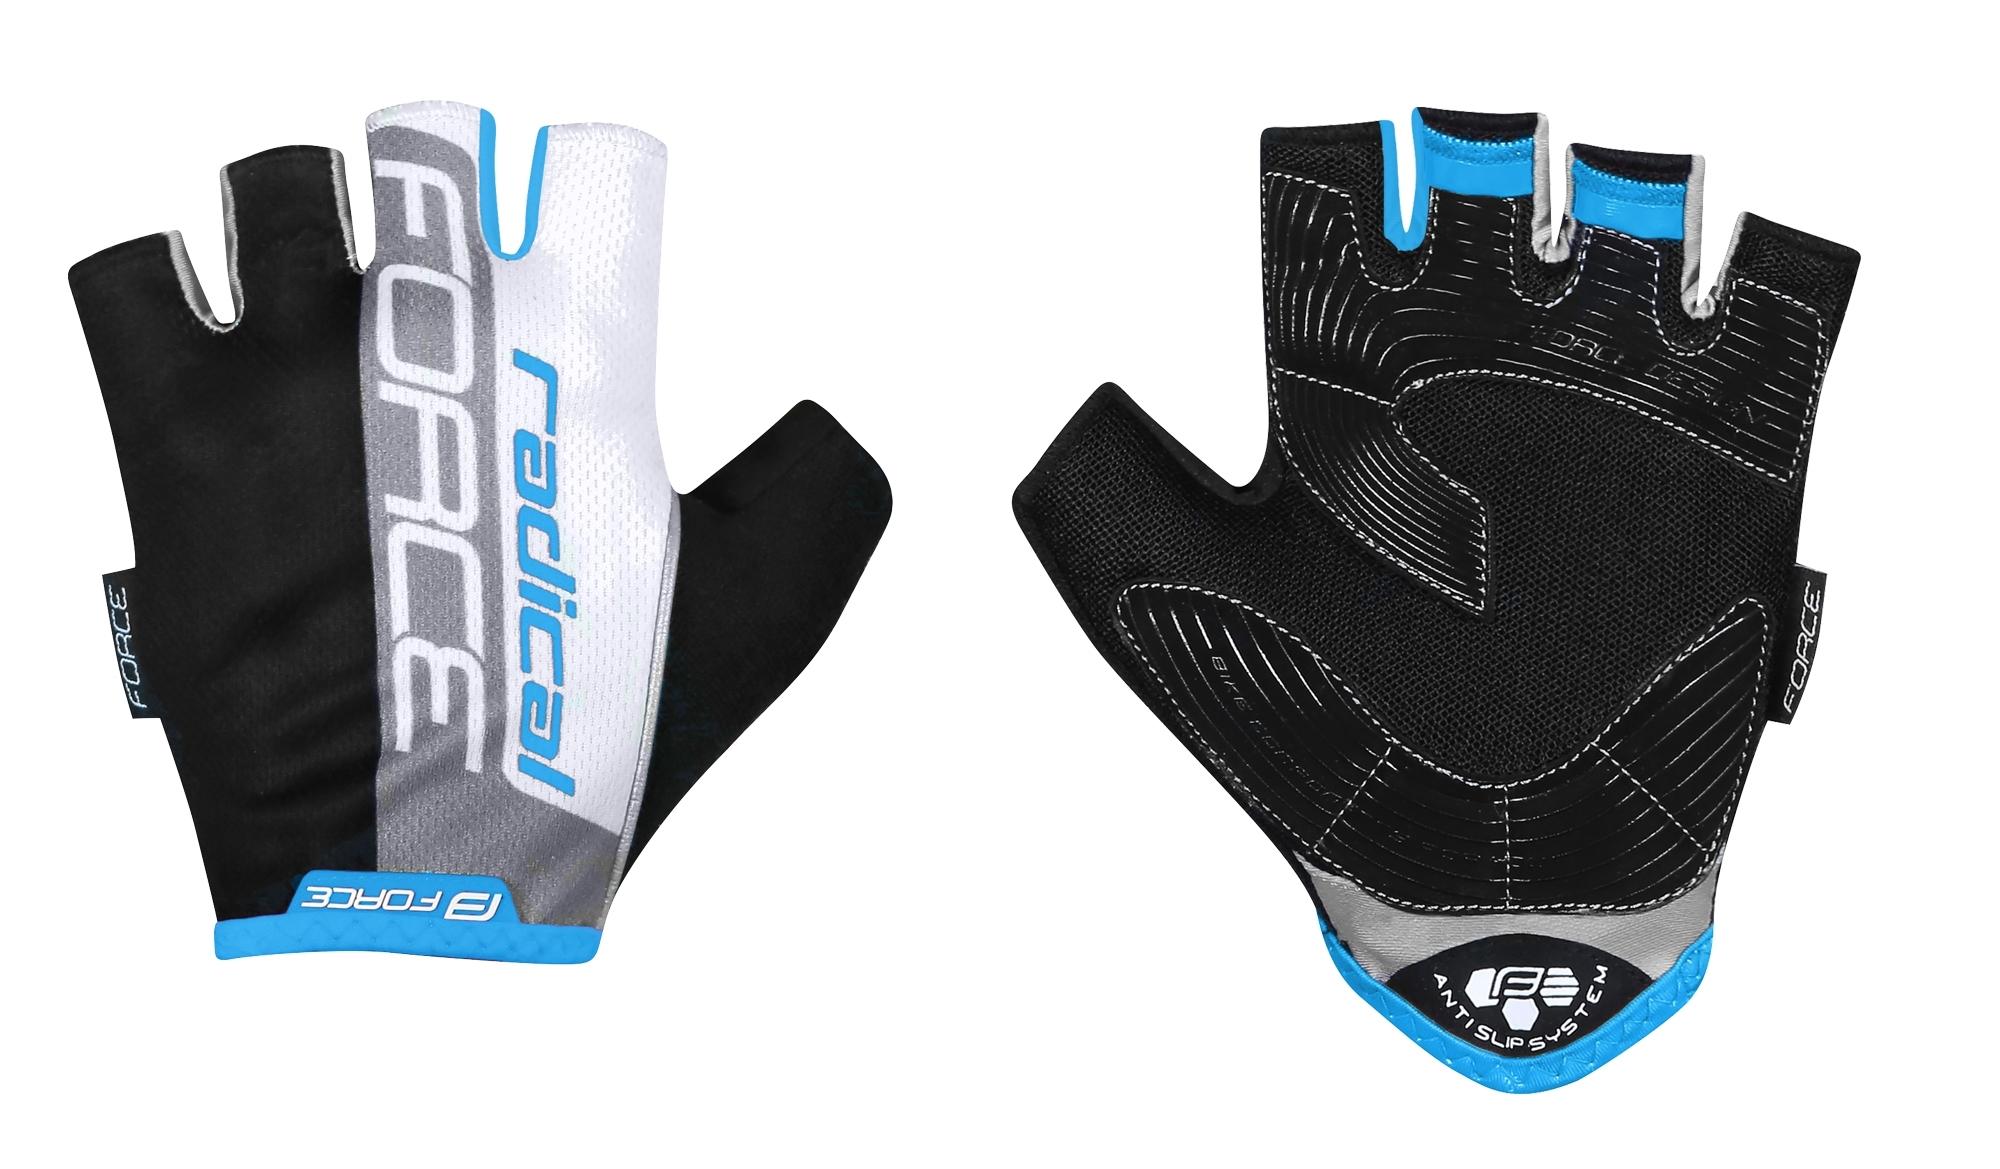 rukavice FORCE RADICAL, černo-bílo-modré L